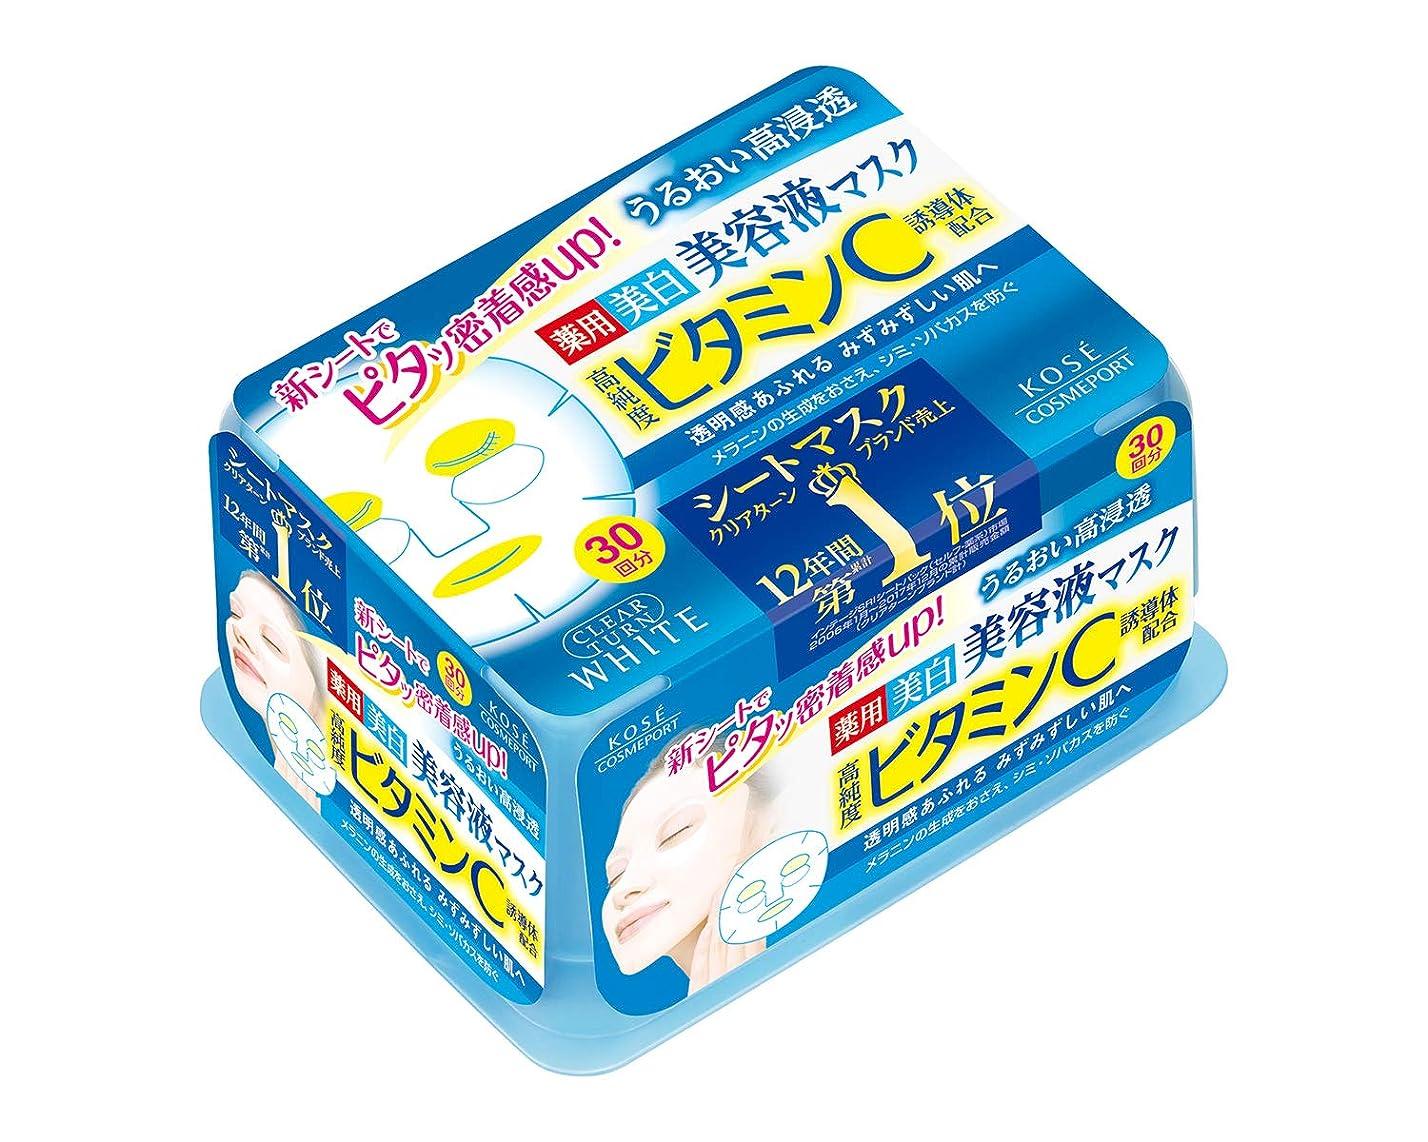 拡大する召喚する滅多KOSE クリアターン エッセンスマスク (ビタミンC) 30回分